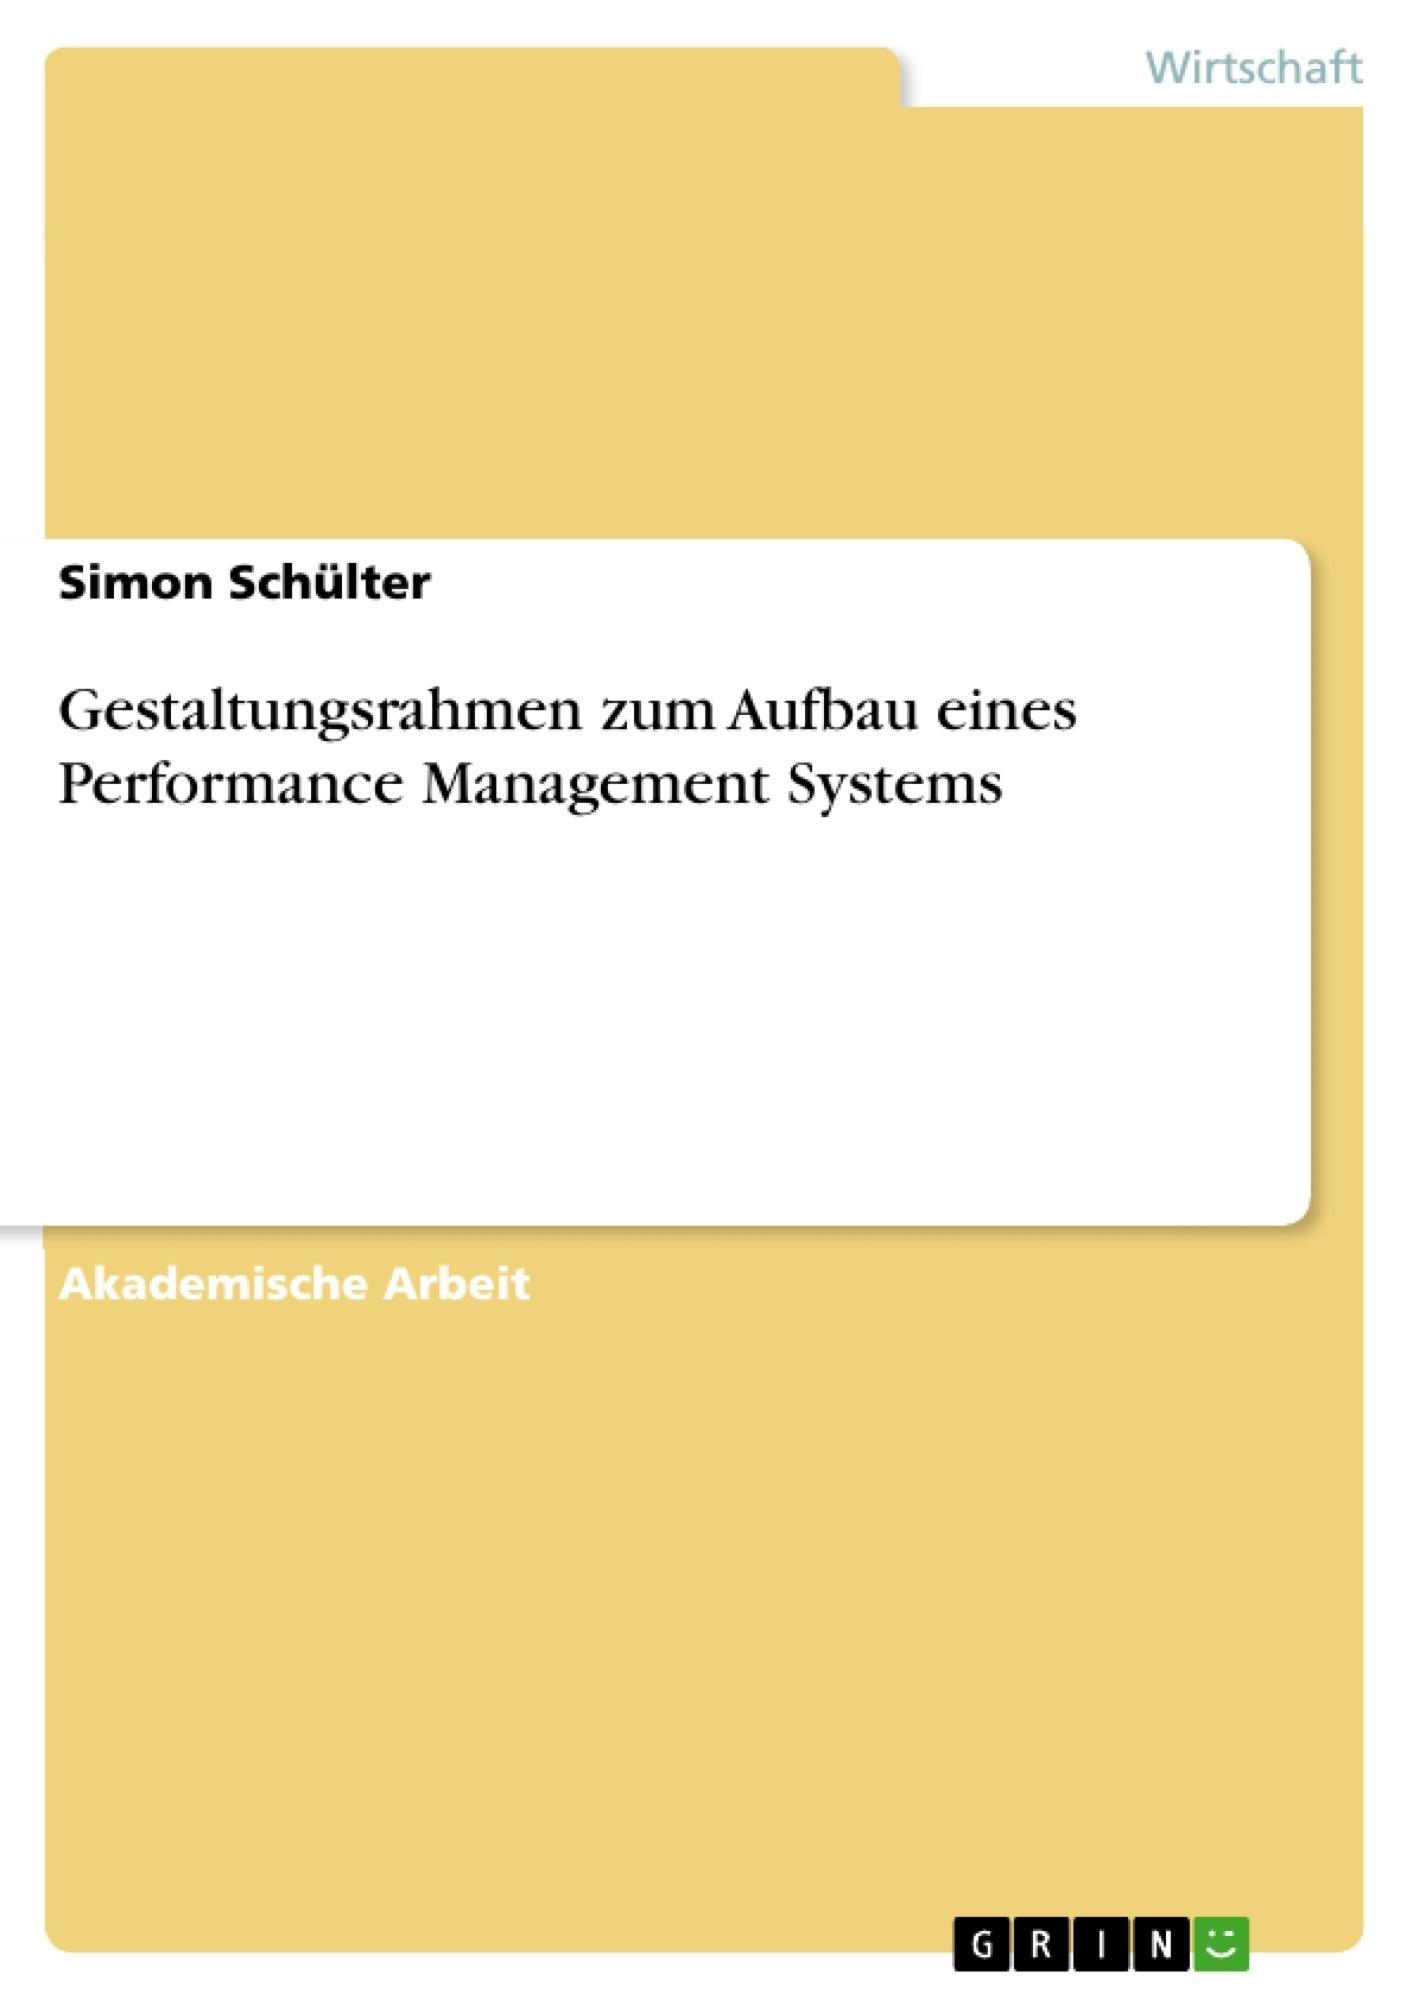 Titel: Gestaltungsrahmen zum Aufbau eines Performance Management Systems